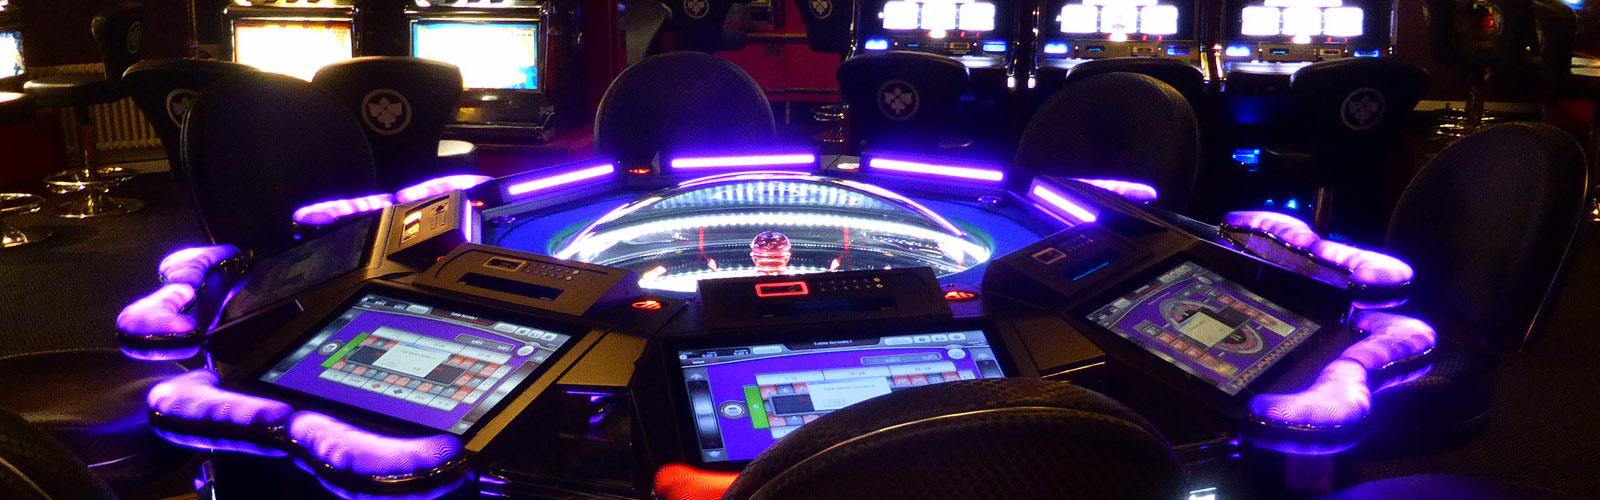 Casino en ligne : ne pas se tromper sur son choix